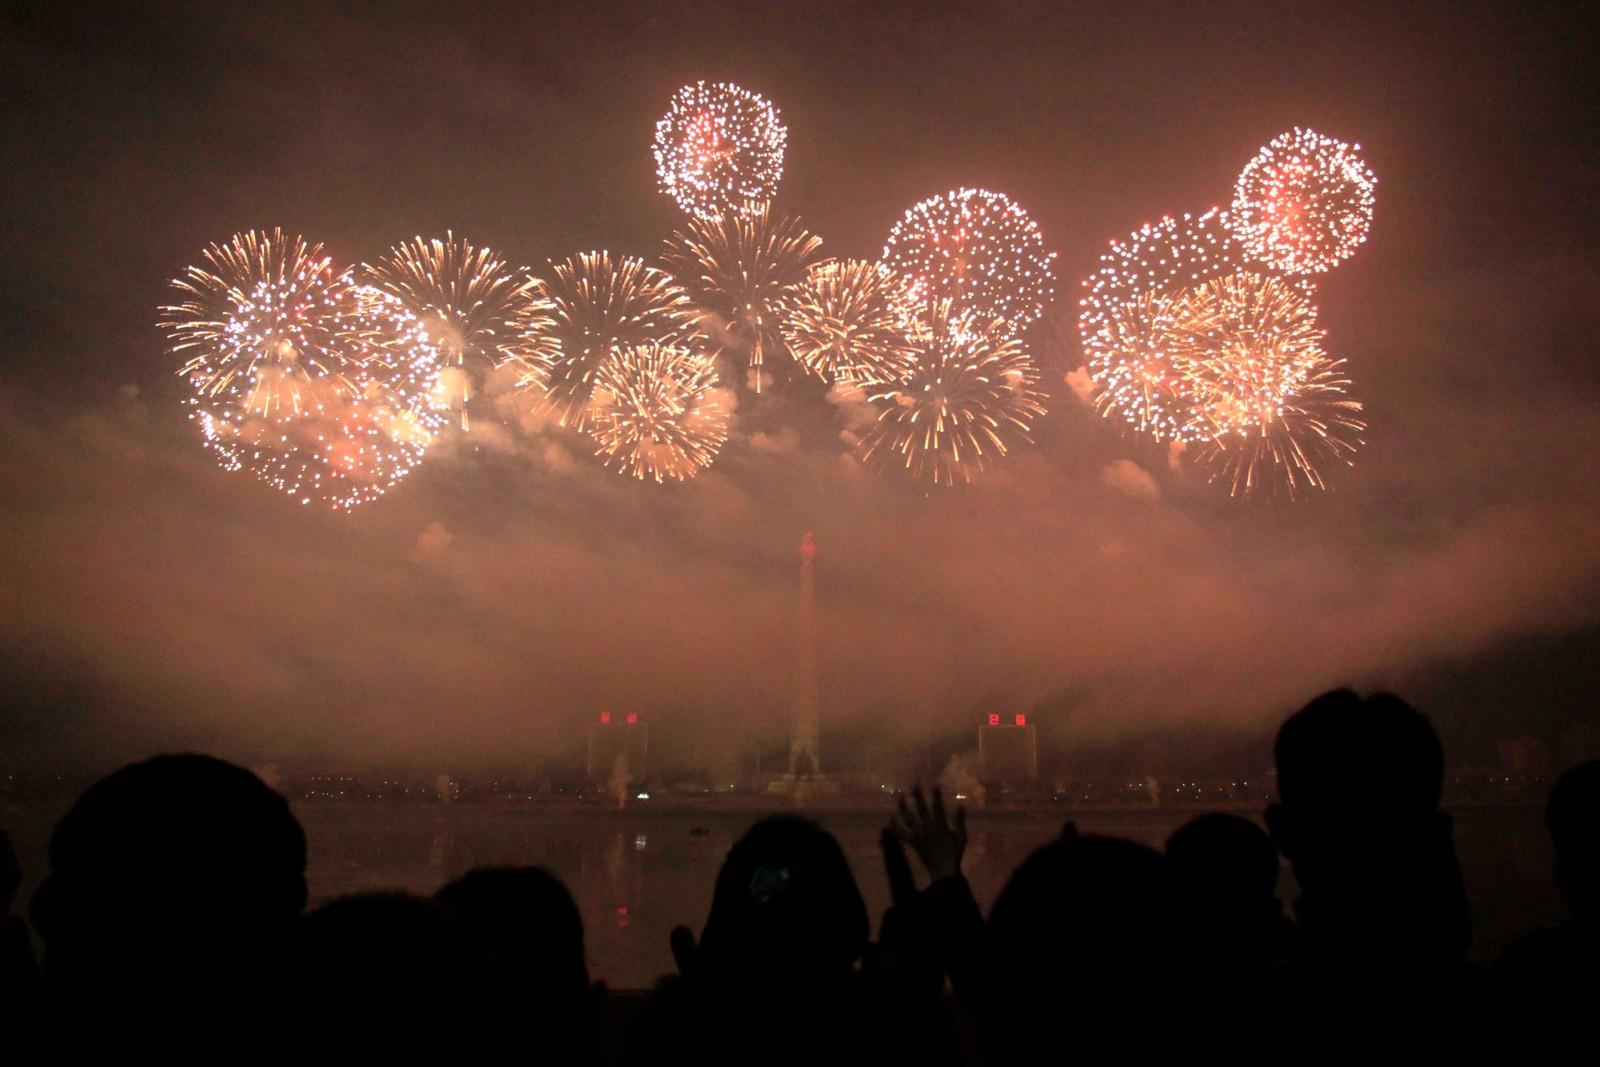 PYONGYANG: Nord-Korea feirer inngangen til 2017 med festfyrverkeri over Kim Il Sung-plassen i hovedstaden Pyongyang.